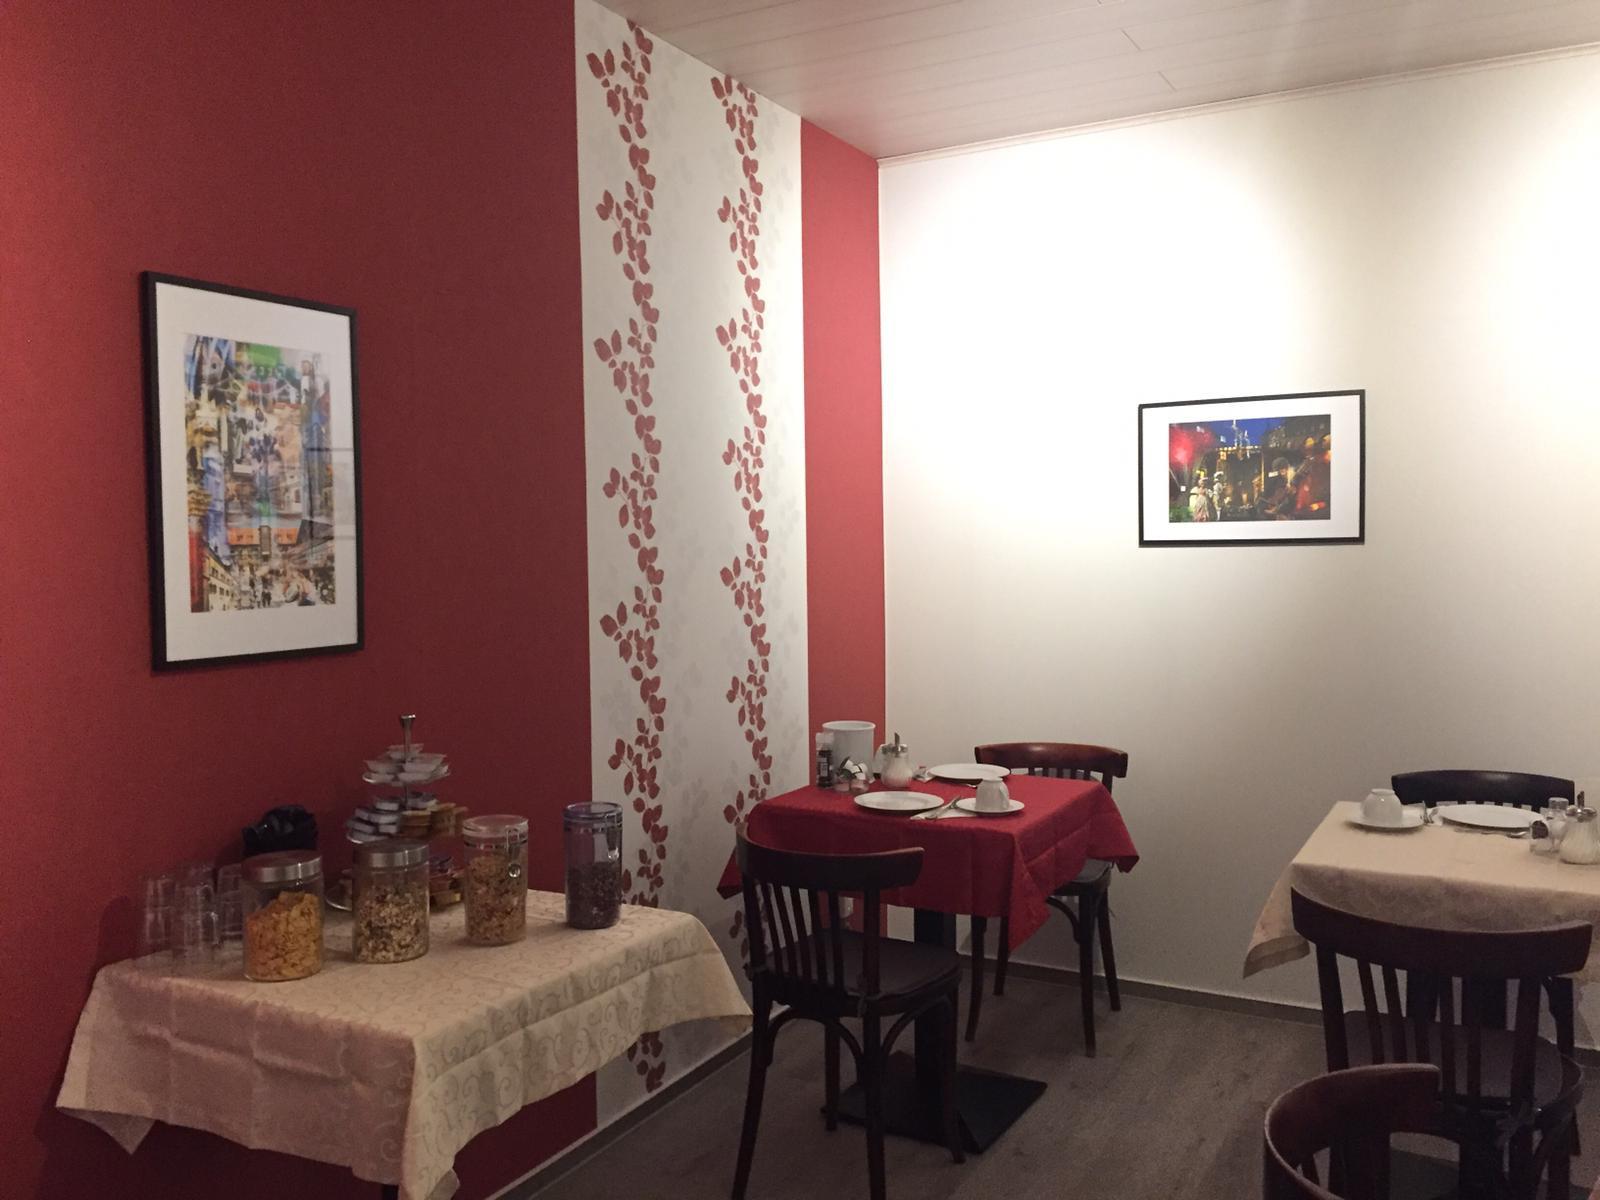 Unser Frühstücksraum